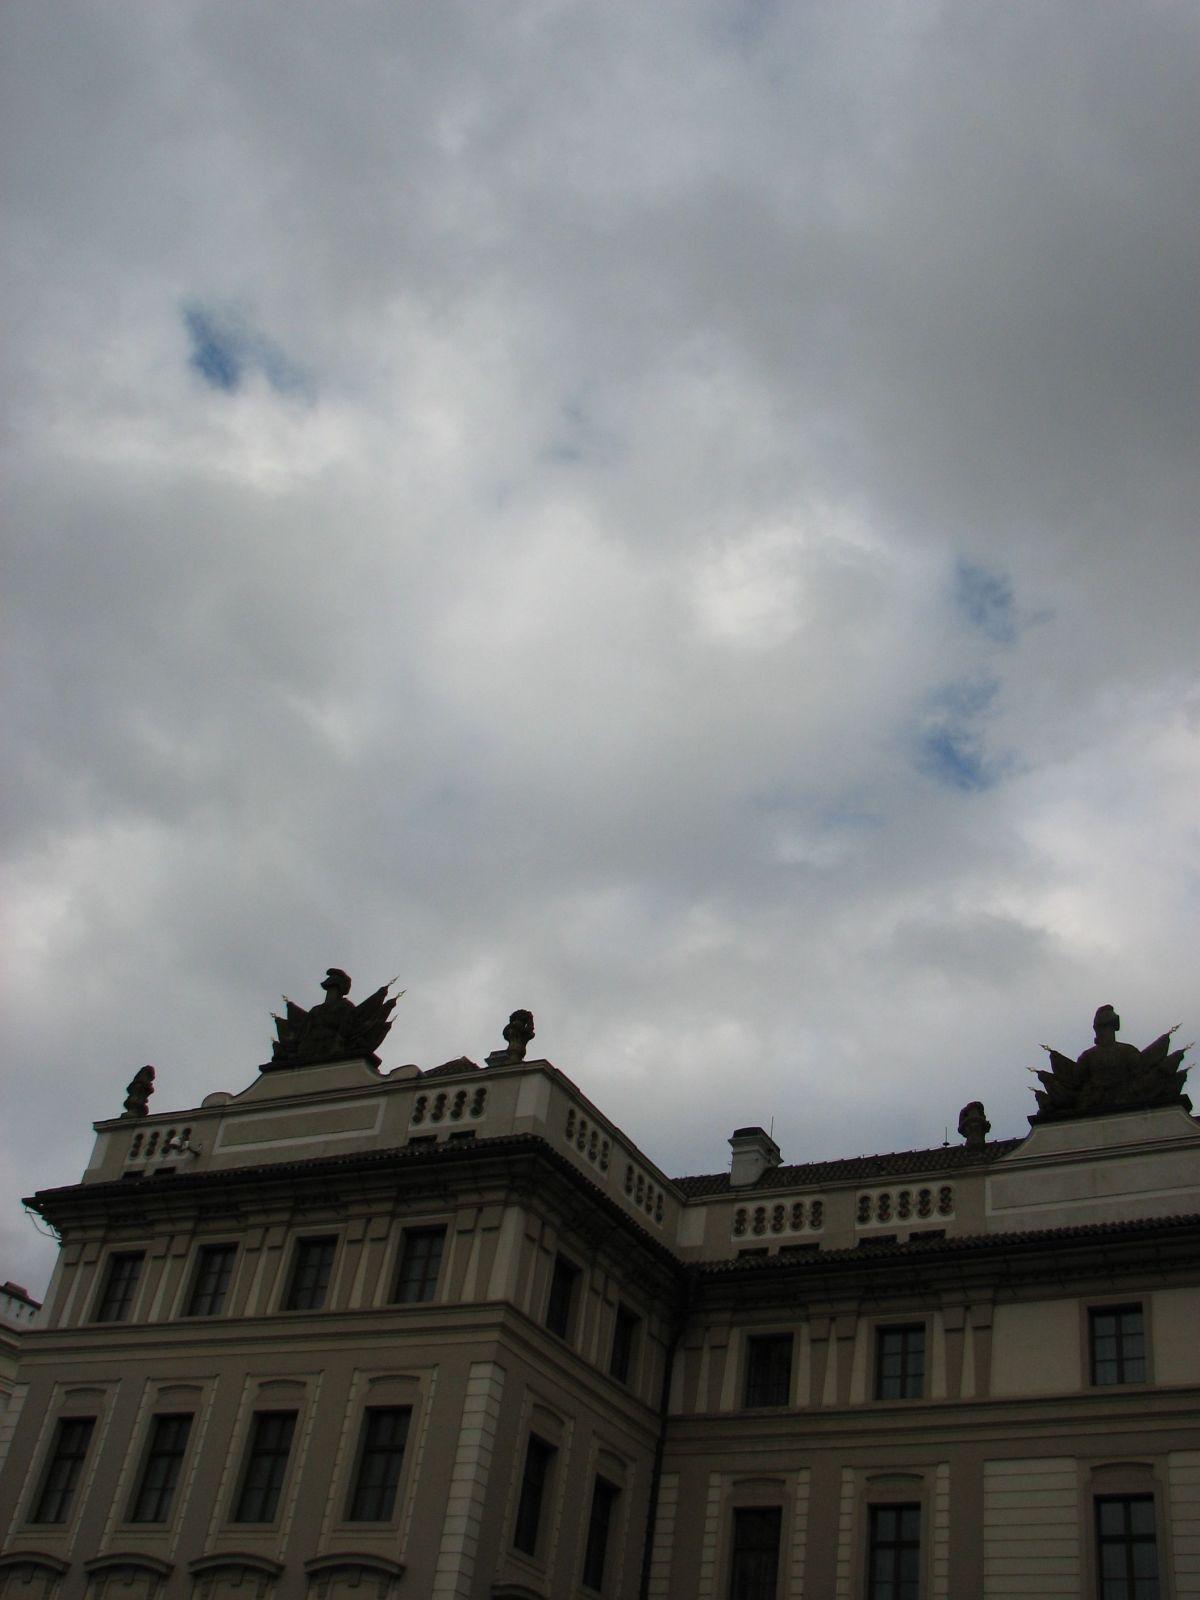 Prágai vár épülete